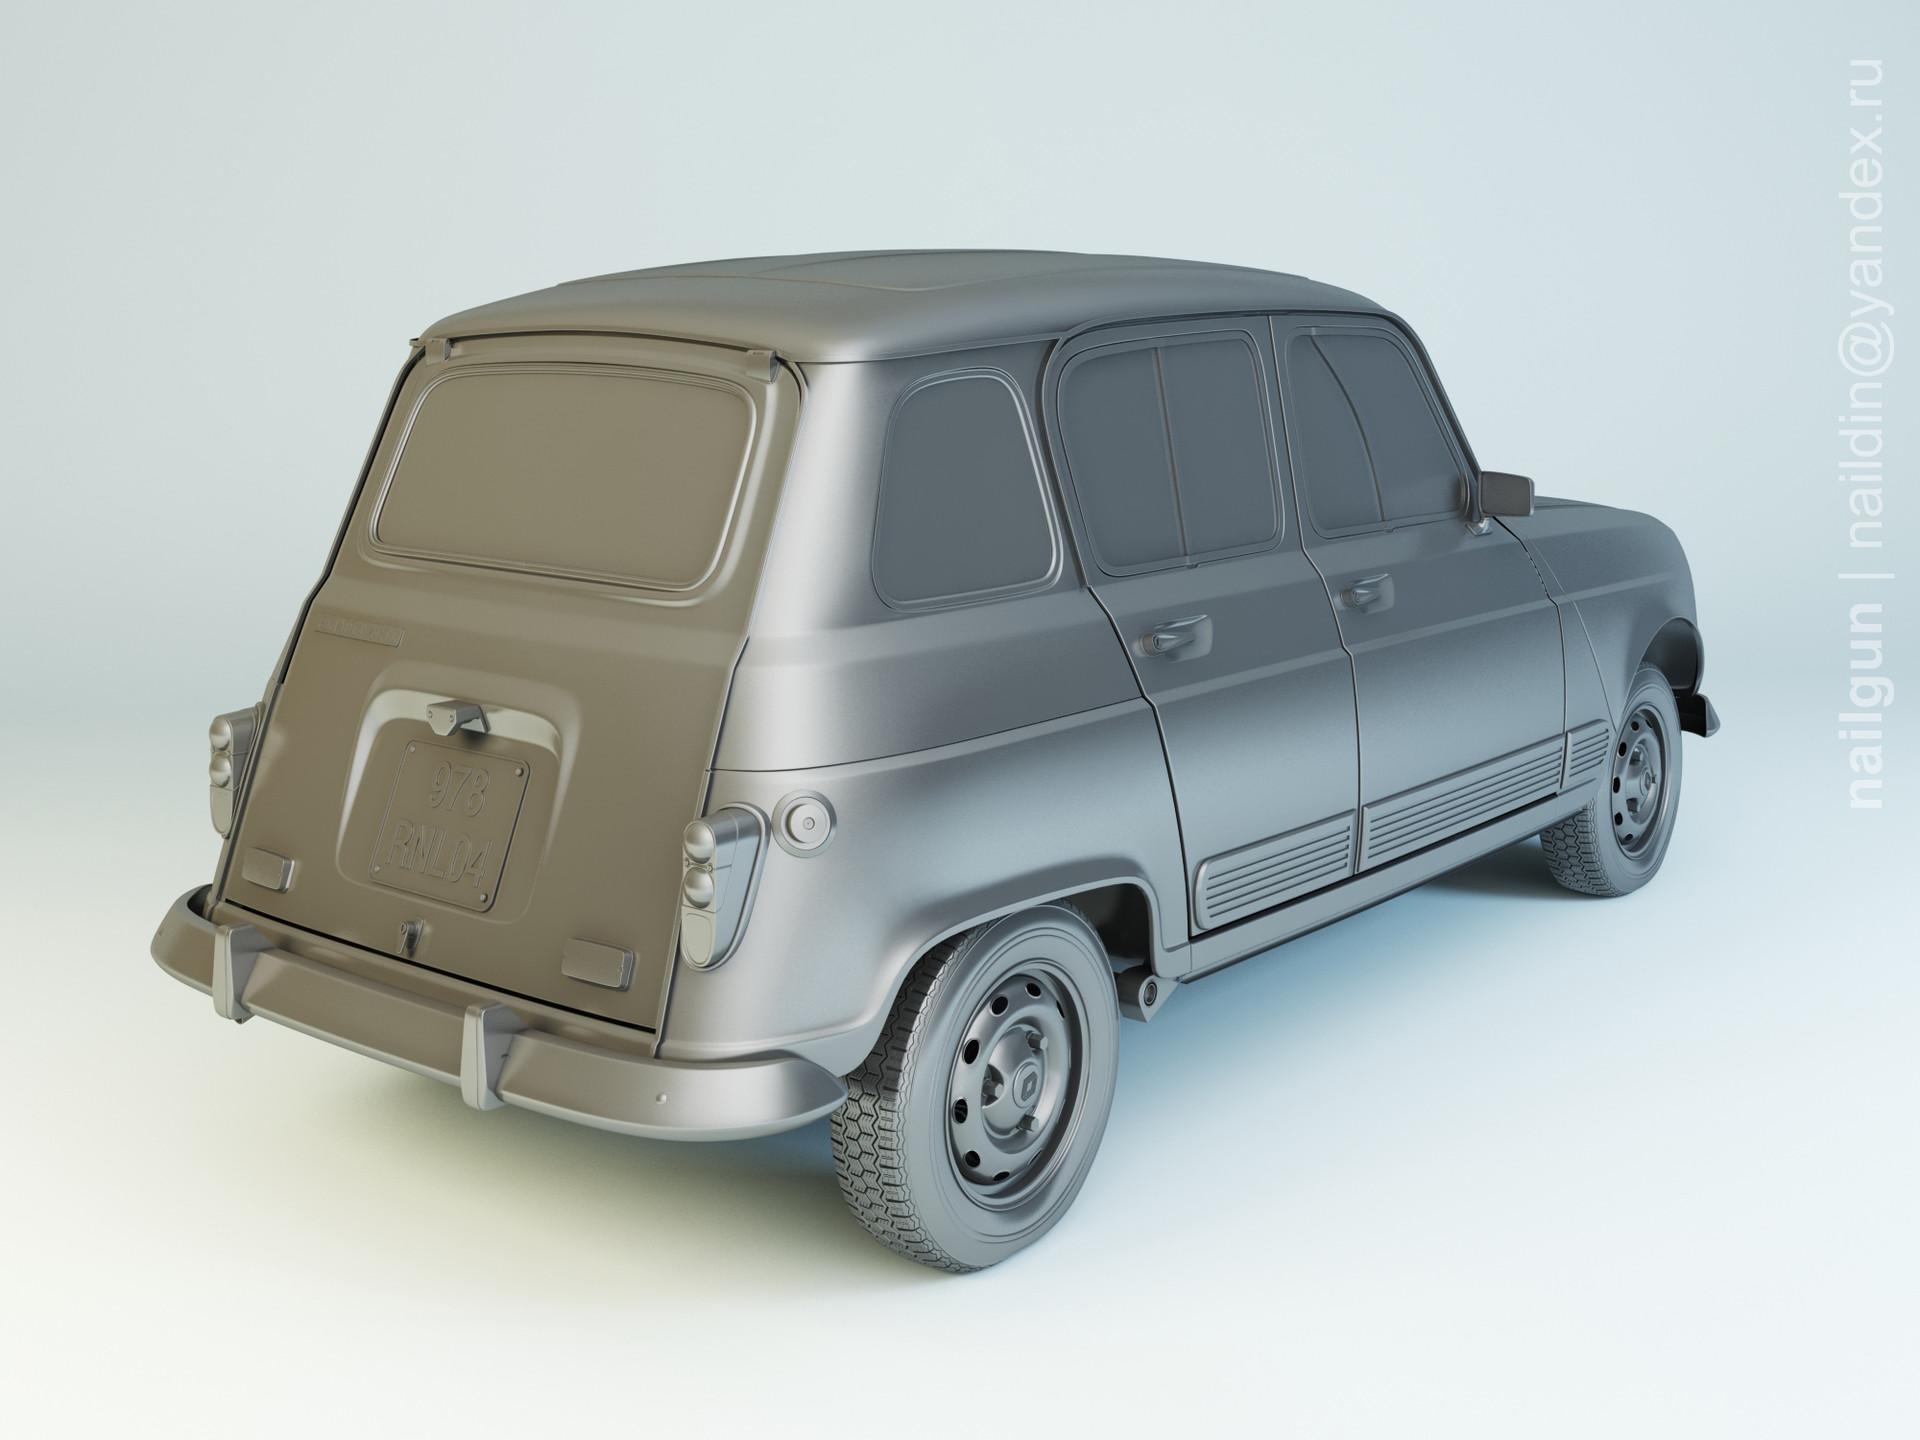 Nail khusnutdinov pwc 076 004 renault 4 modelling 1